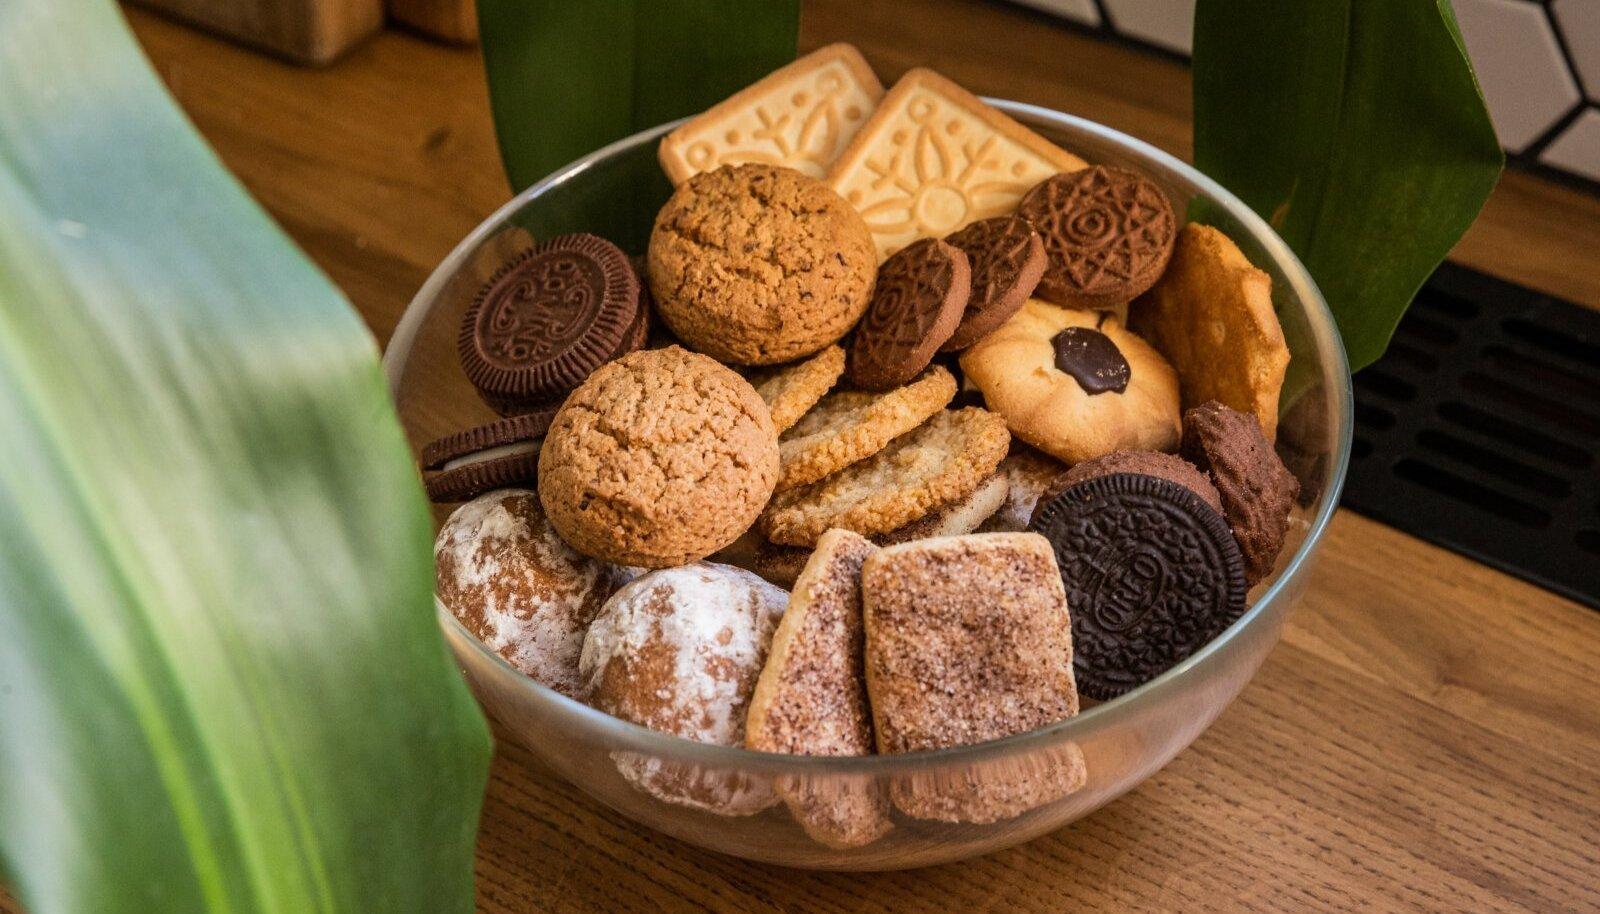 Enamik meil müüdavates küpsistest sisaldavad palmiõli, mis on kahjulik nii keskkonnale kui tervisele.